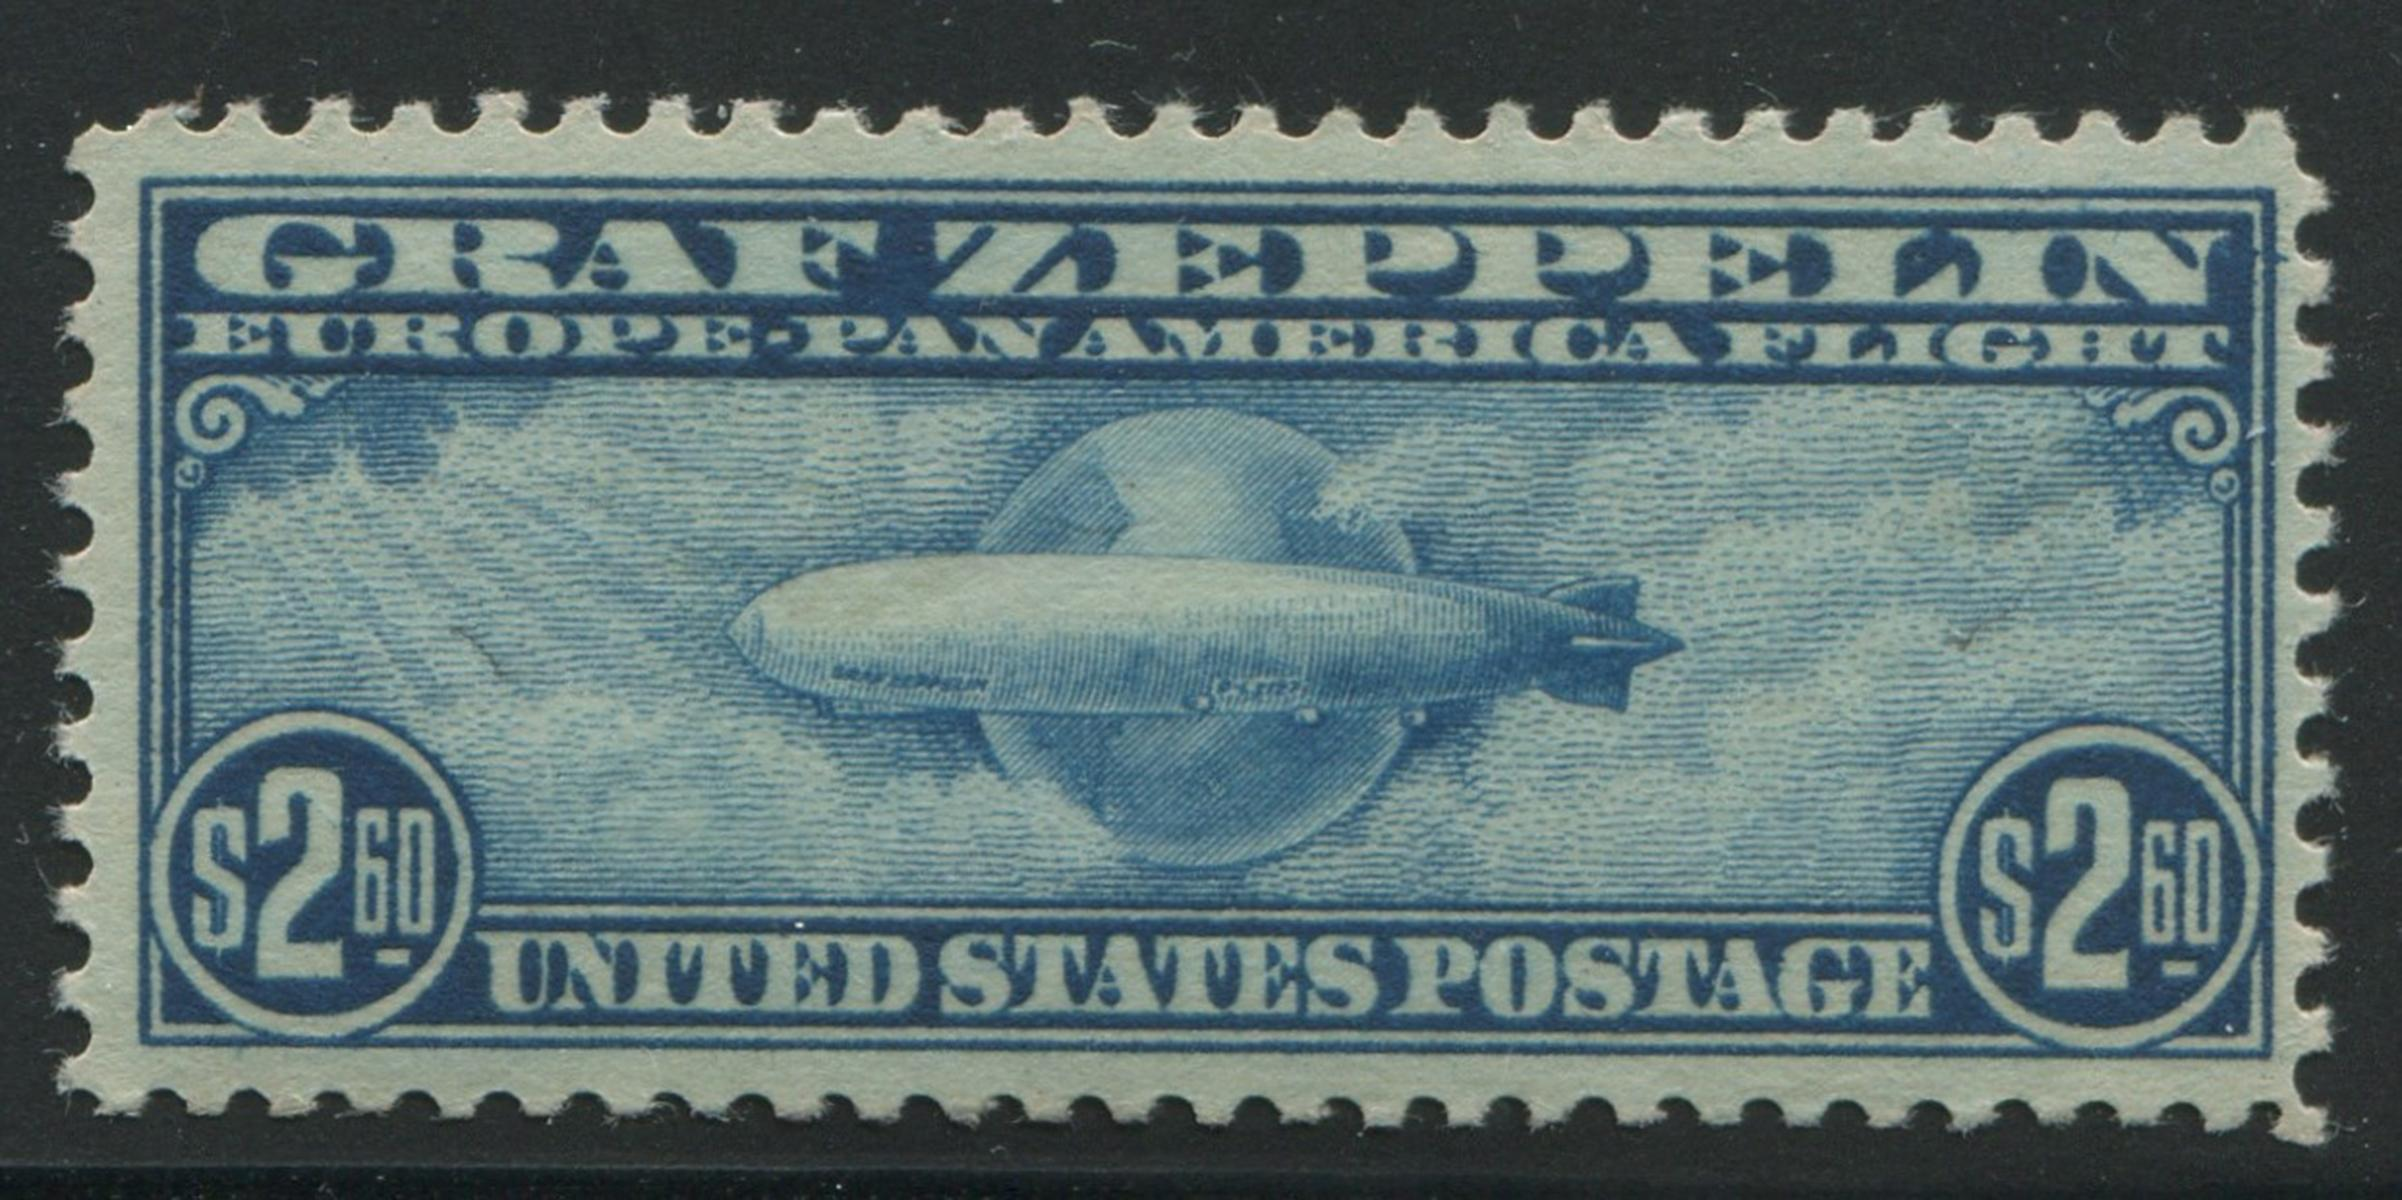 USA 1930 #C15 $2.60 Blue Zeppelin MNH